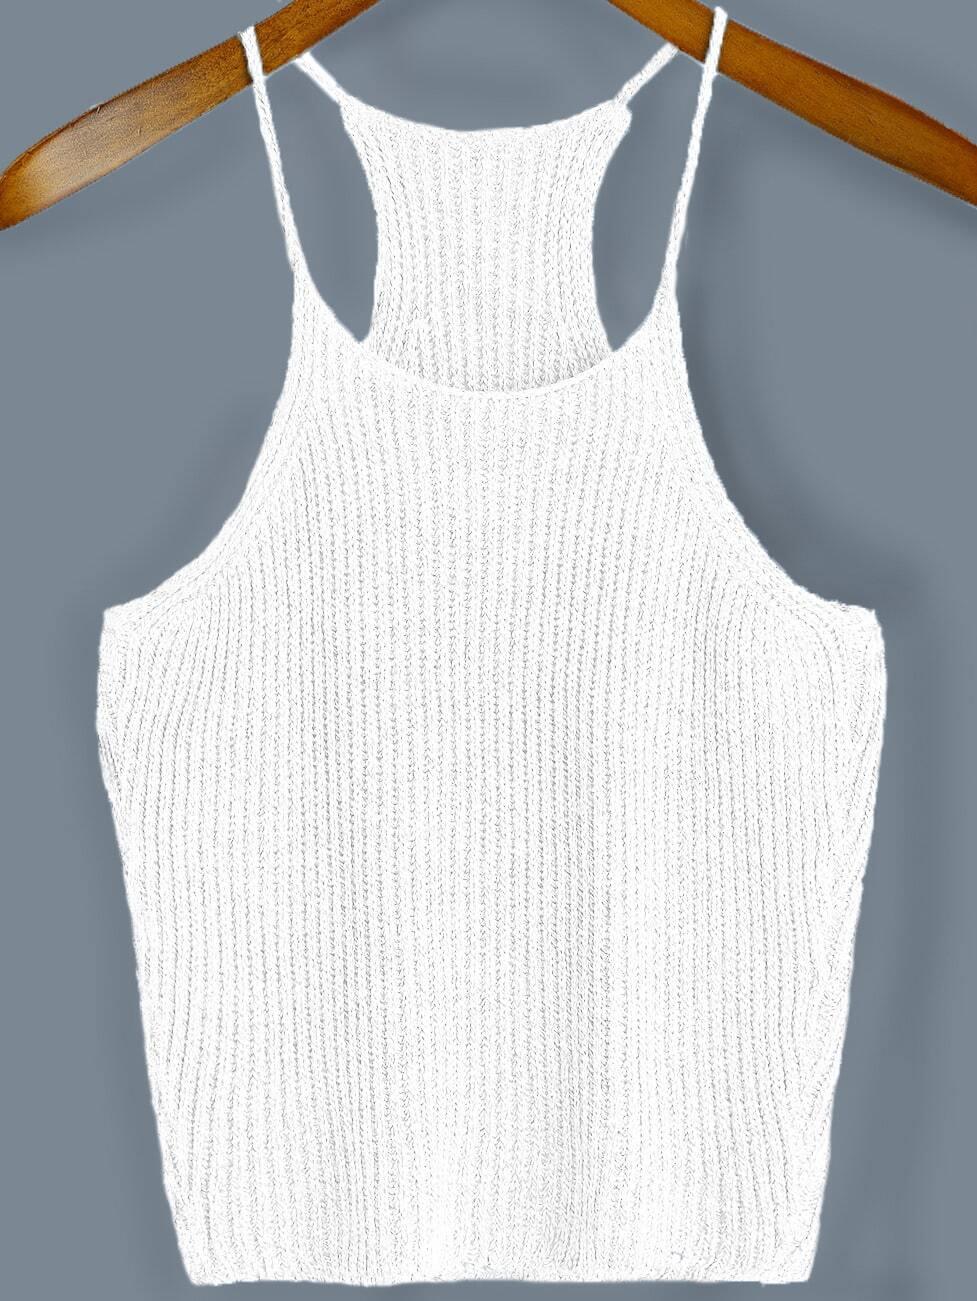 White Spaghetti Strap Sweater Cami Top